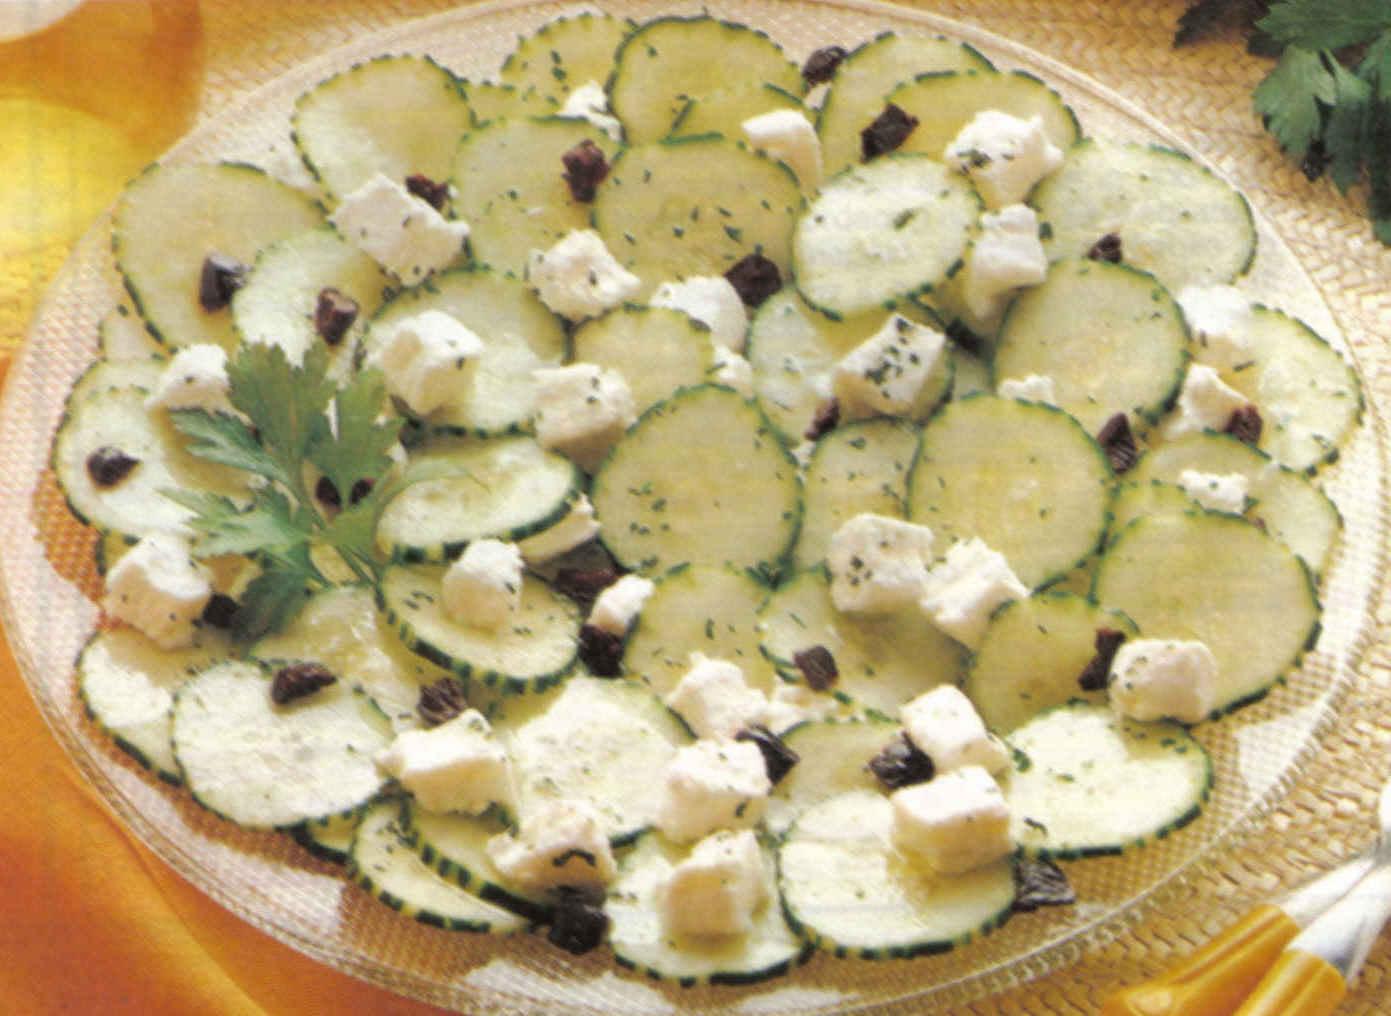 Insalata greca la cucina di susana - Piatti tipici della cucina greca ...